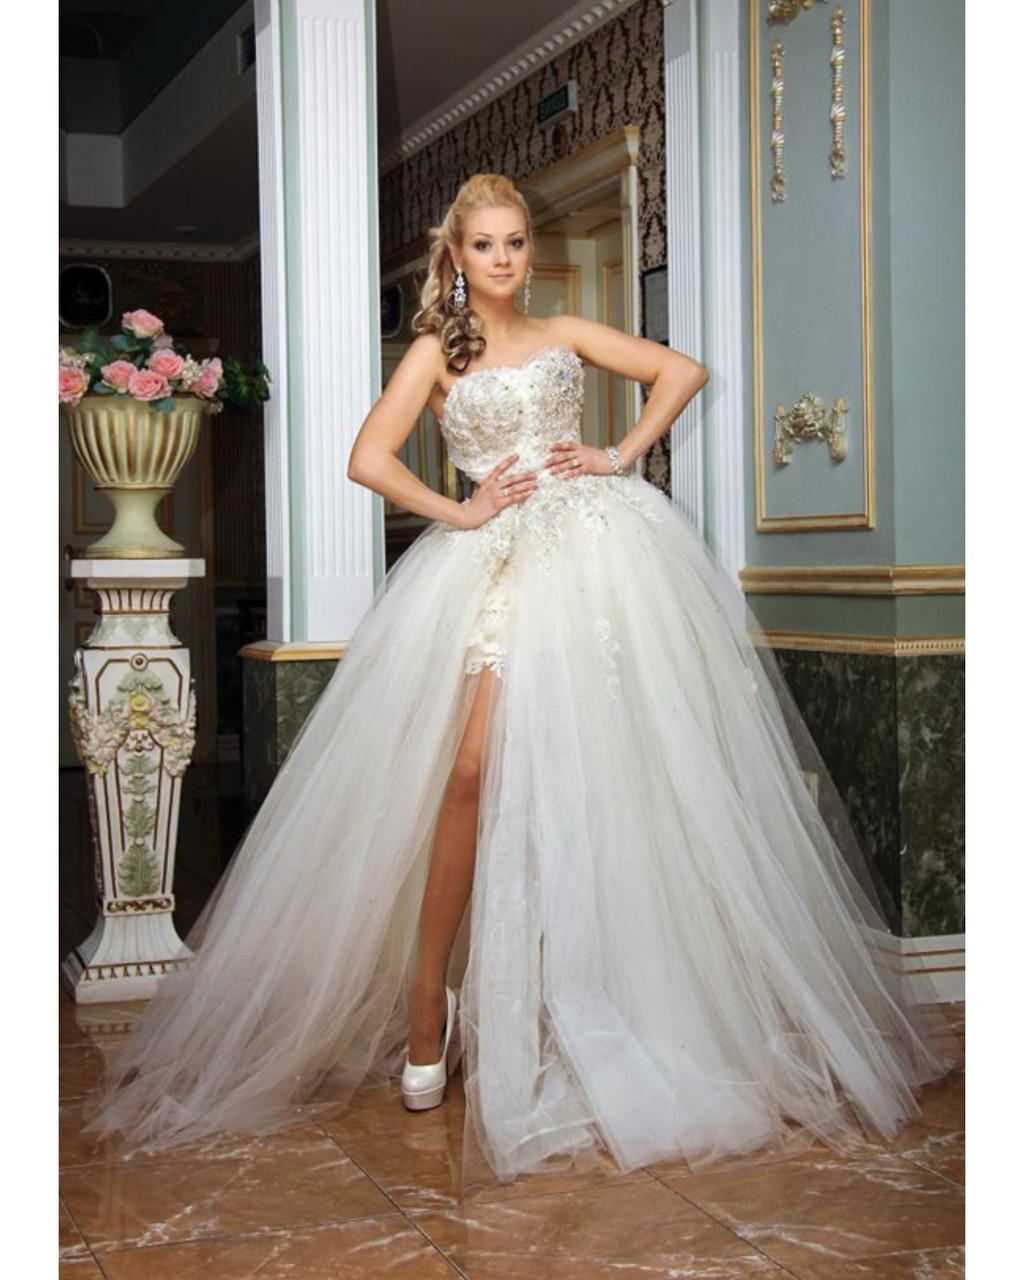 6de48997b145d9 Свадебное платье цвет айвори трансформер короткое с отстегивающейся юбкой -  Свадебный Шик в Харькове